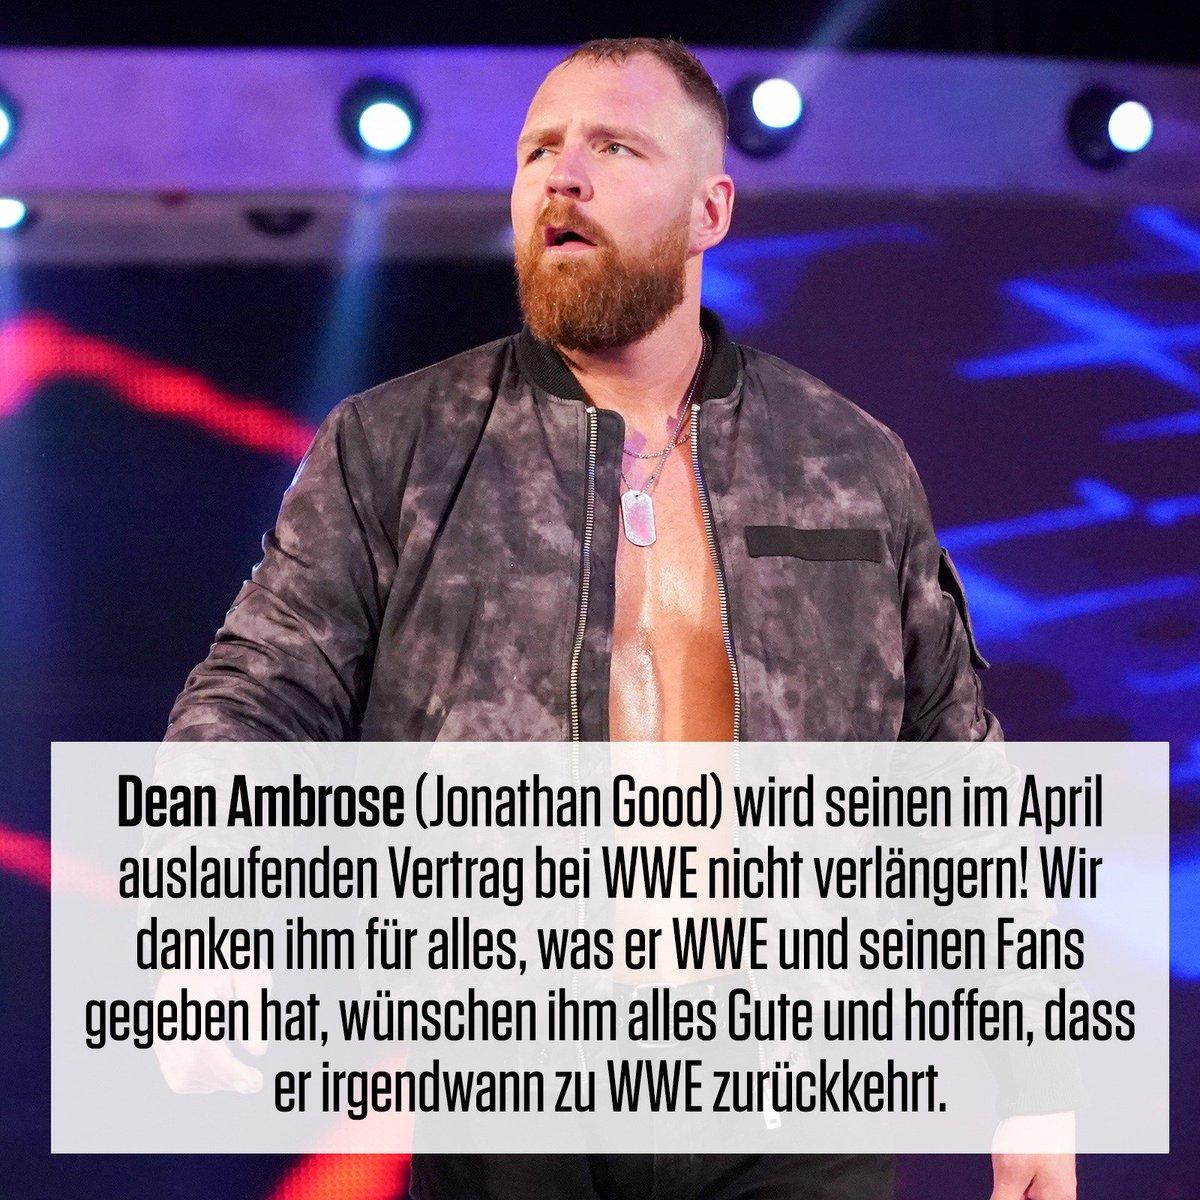 Wwe Deutschland On Twitter Dean Ambrose Und Wwe Gehen Bald